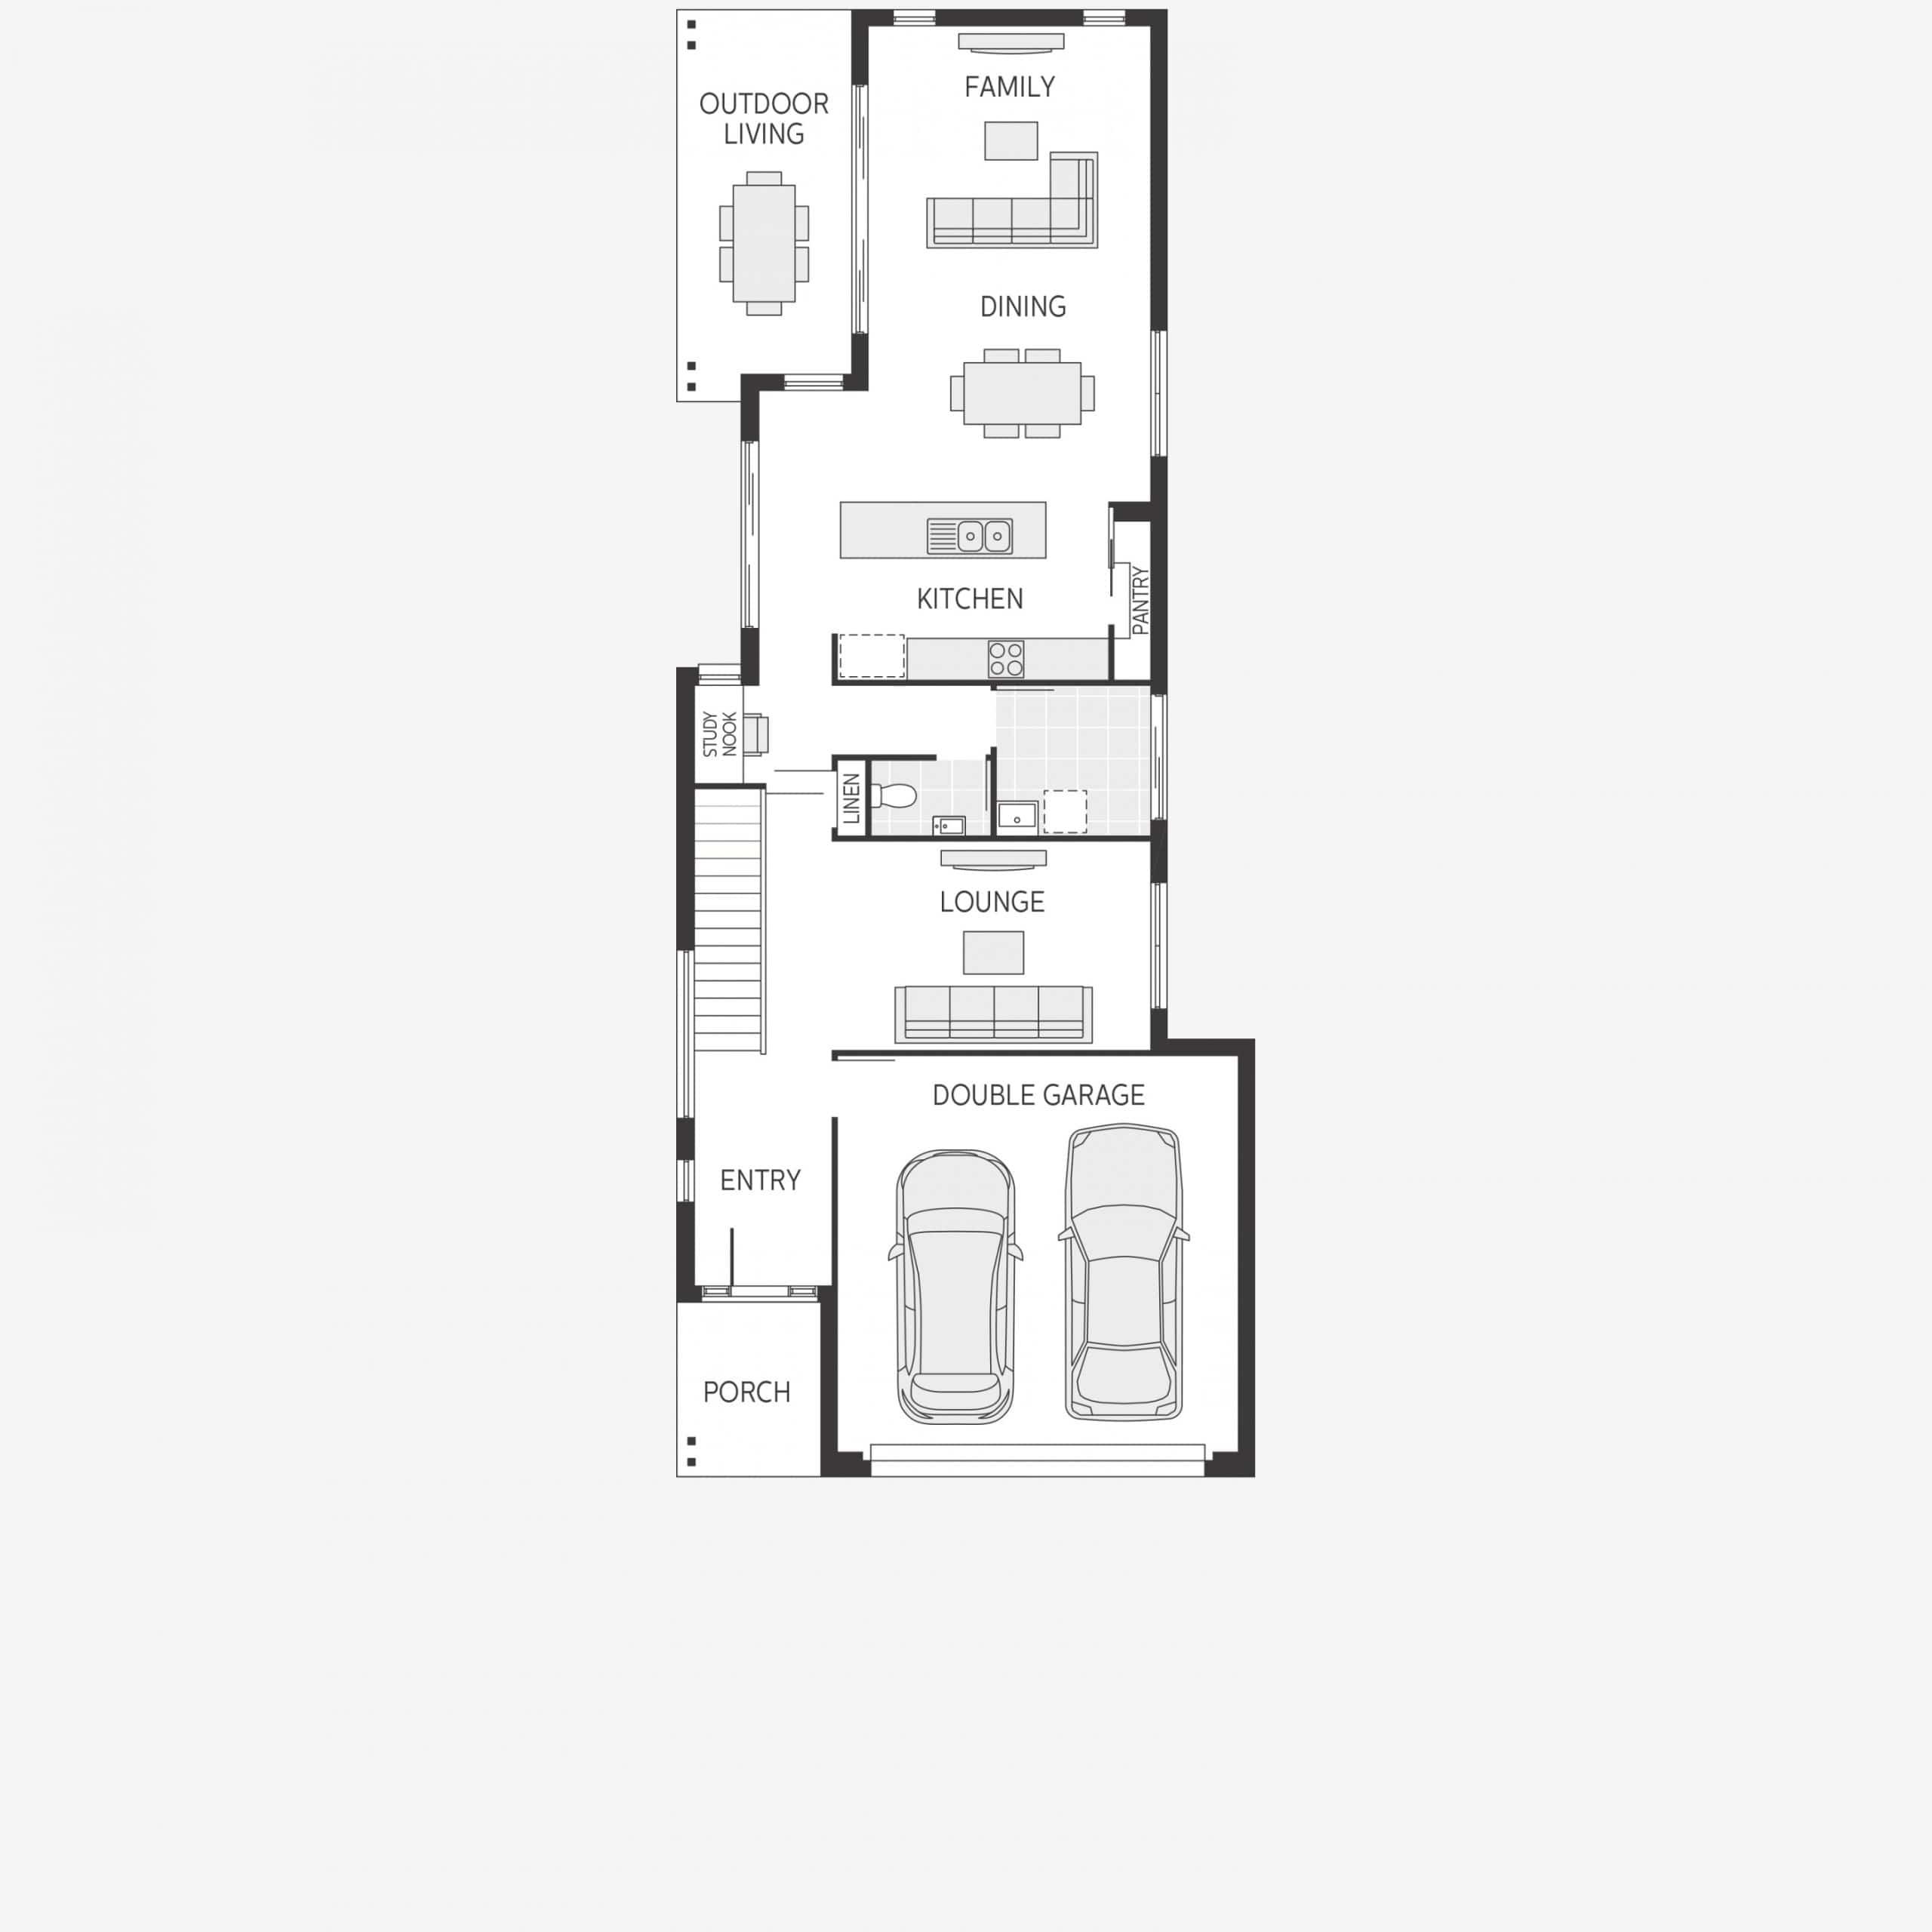 Casas en esquina buscar con google planos t ideas for Planos google